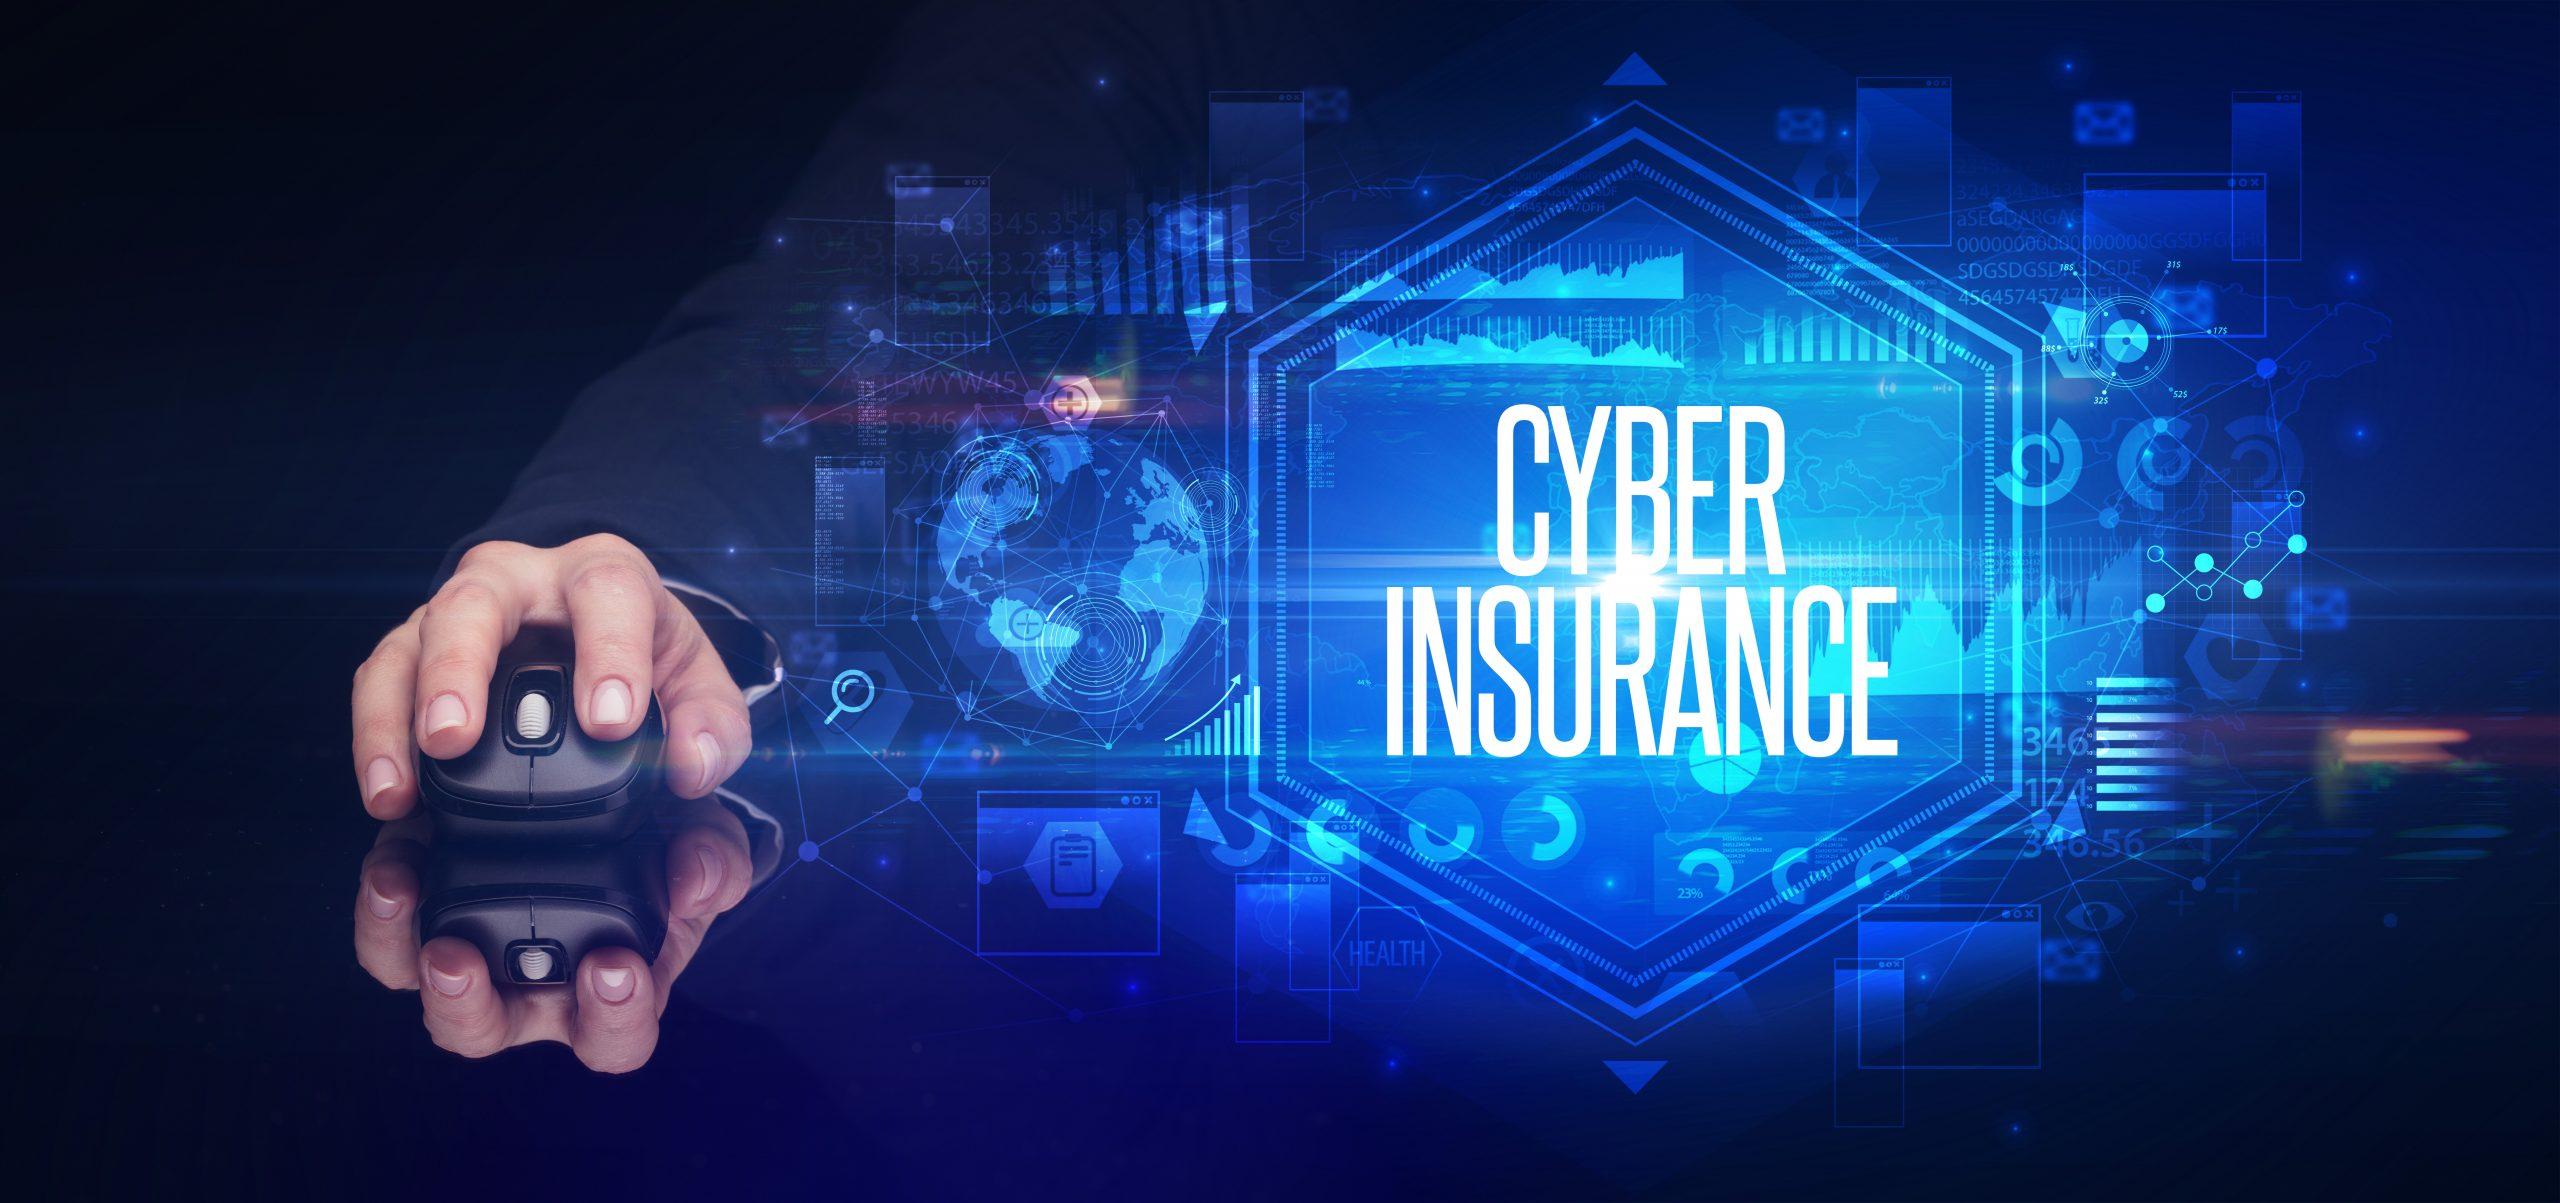 Προστατεύστε την επιχείρησή σας από διαδικτυακούς κινδύνους